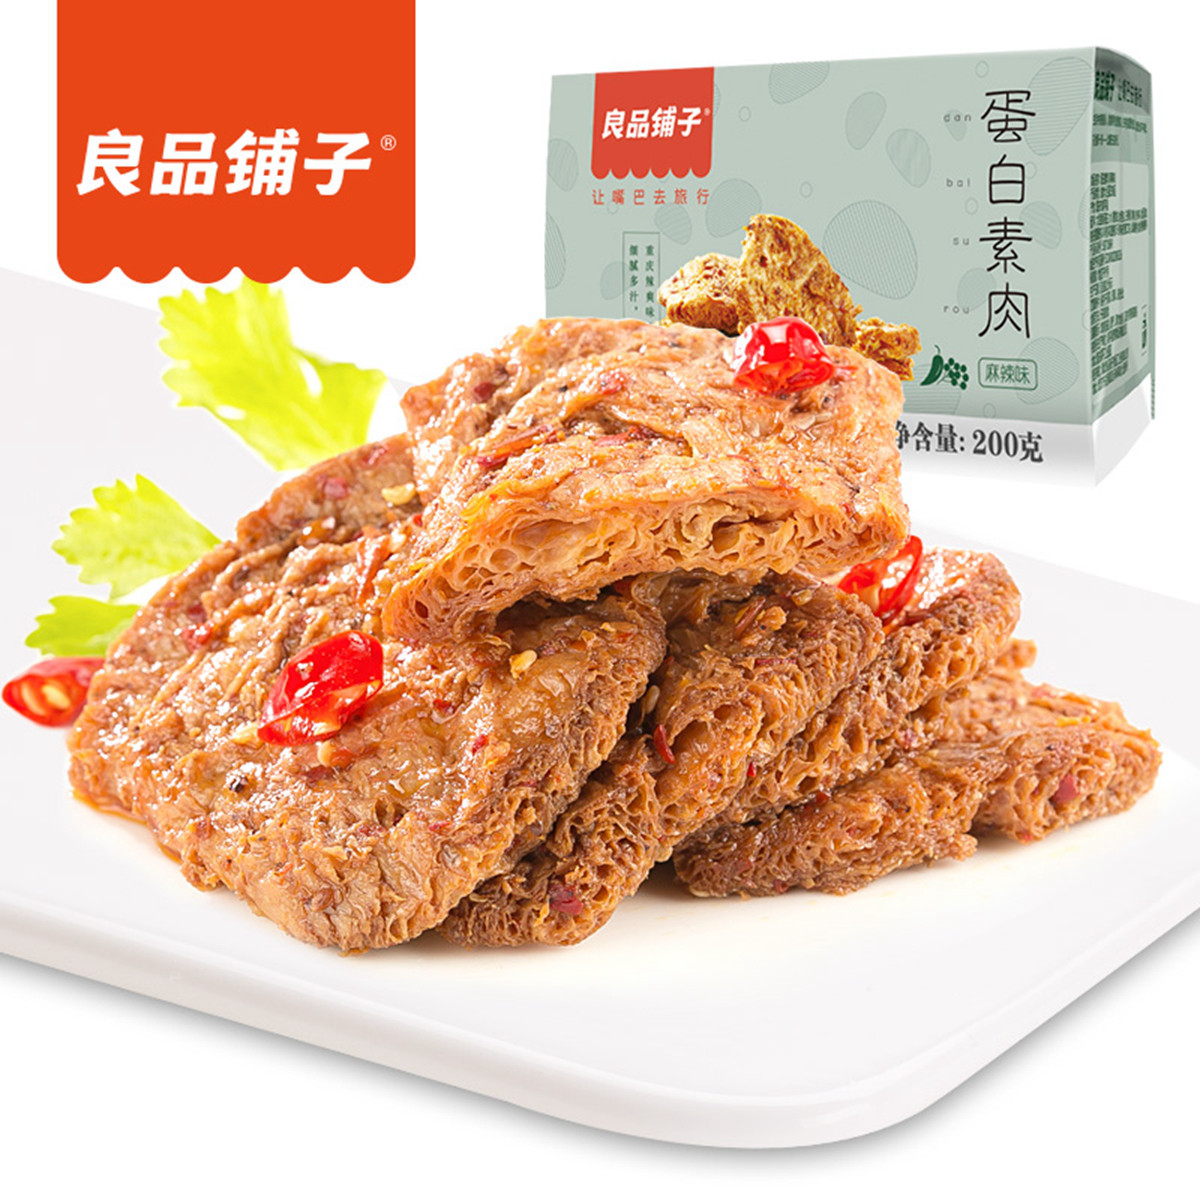 良品铺子蛋白素肉200gX1盒麻辣味手撕豆干零食细腻有嚼劲休闲小吃COLOR蛋白素肉200g